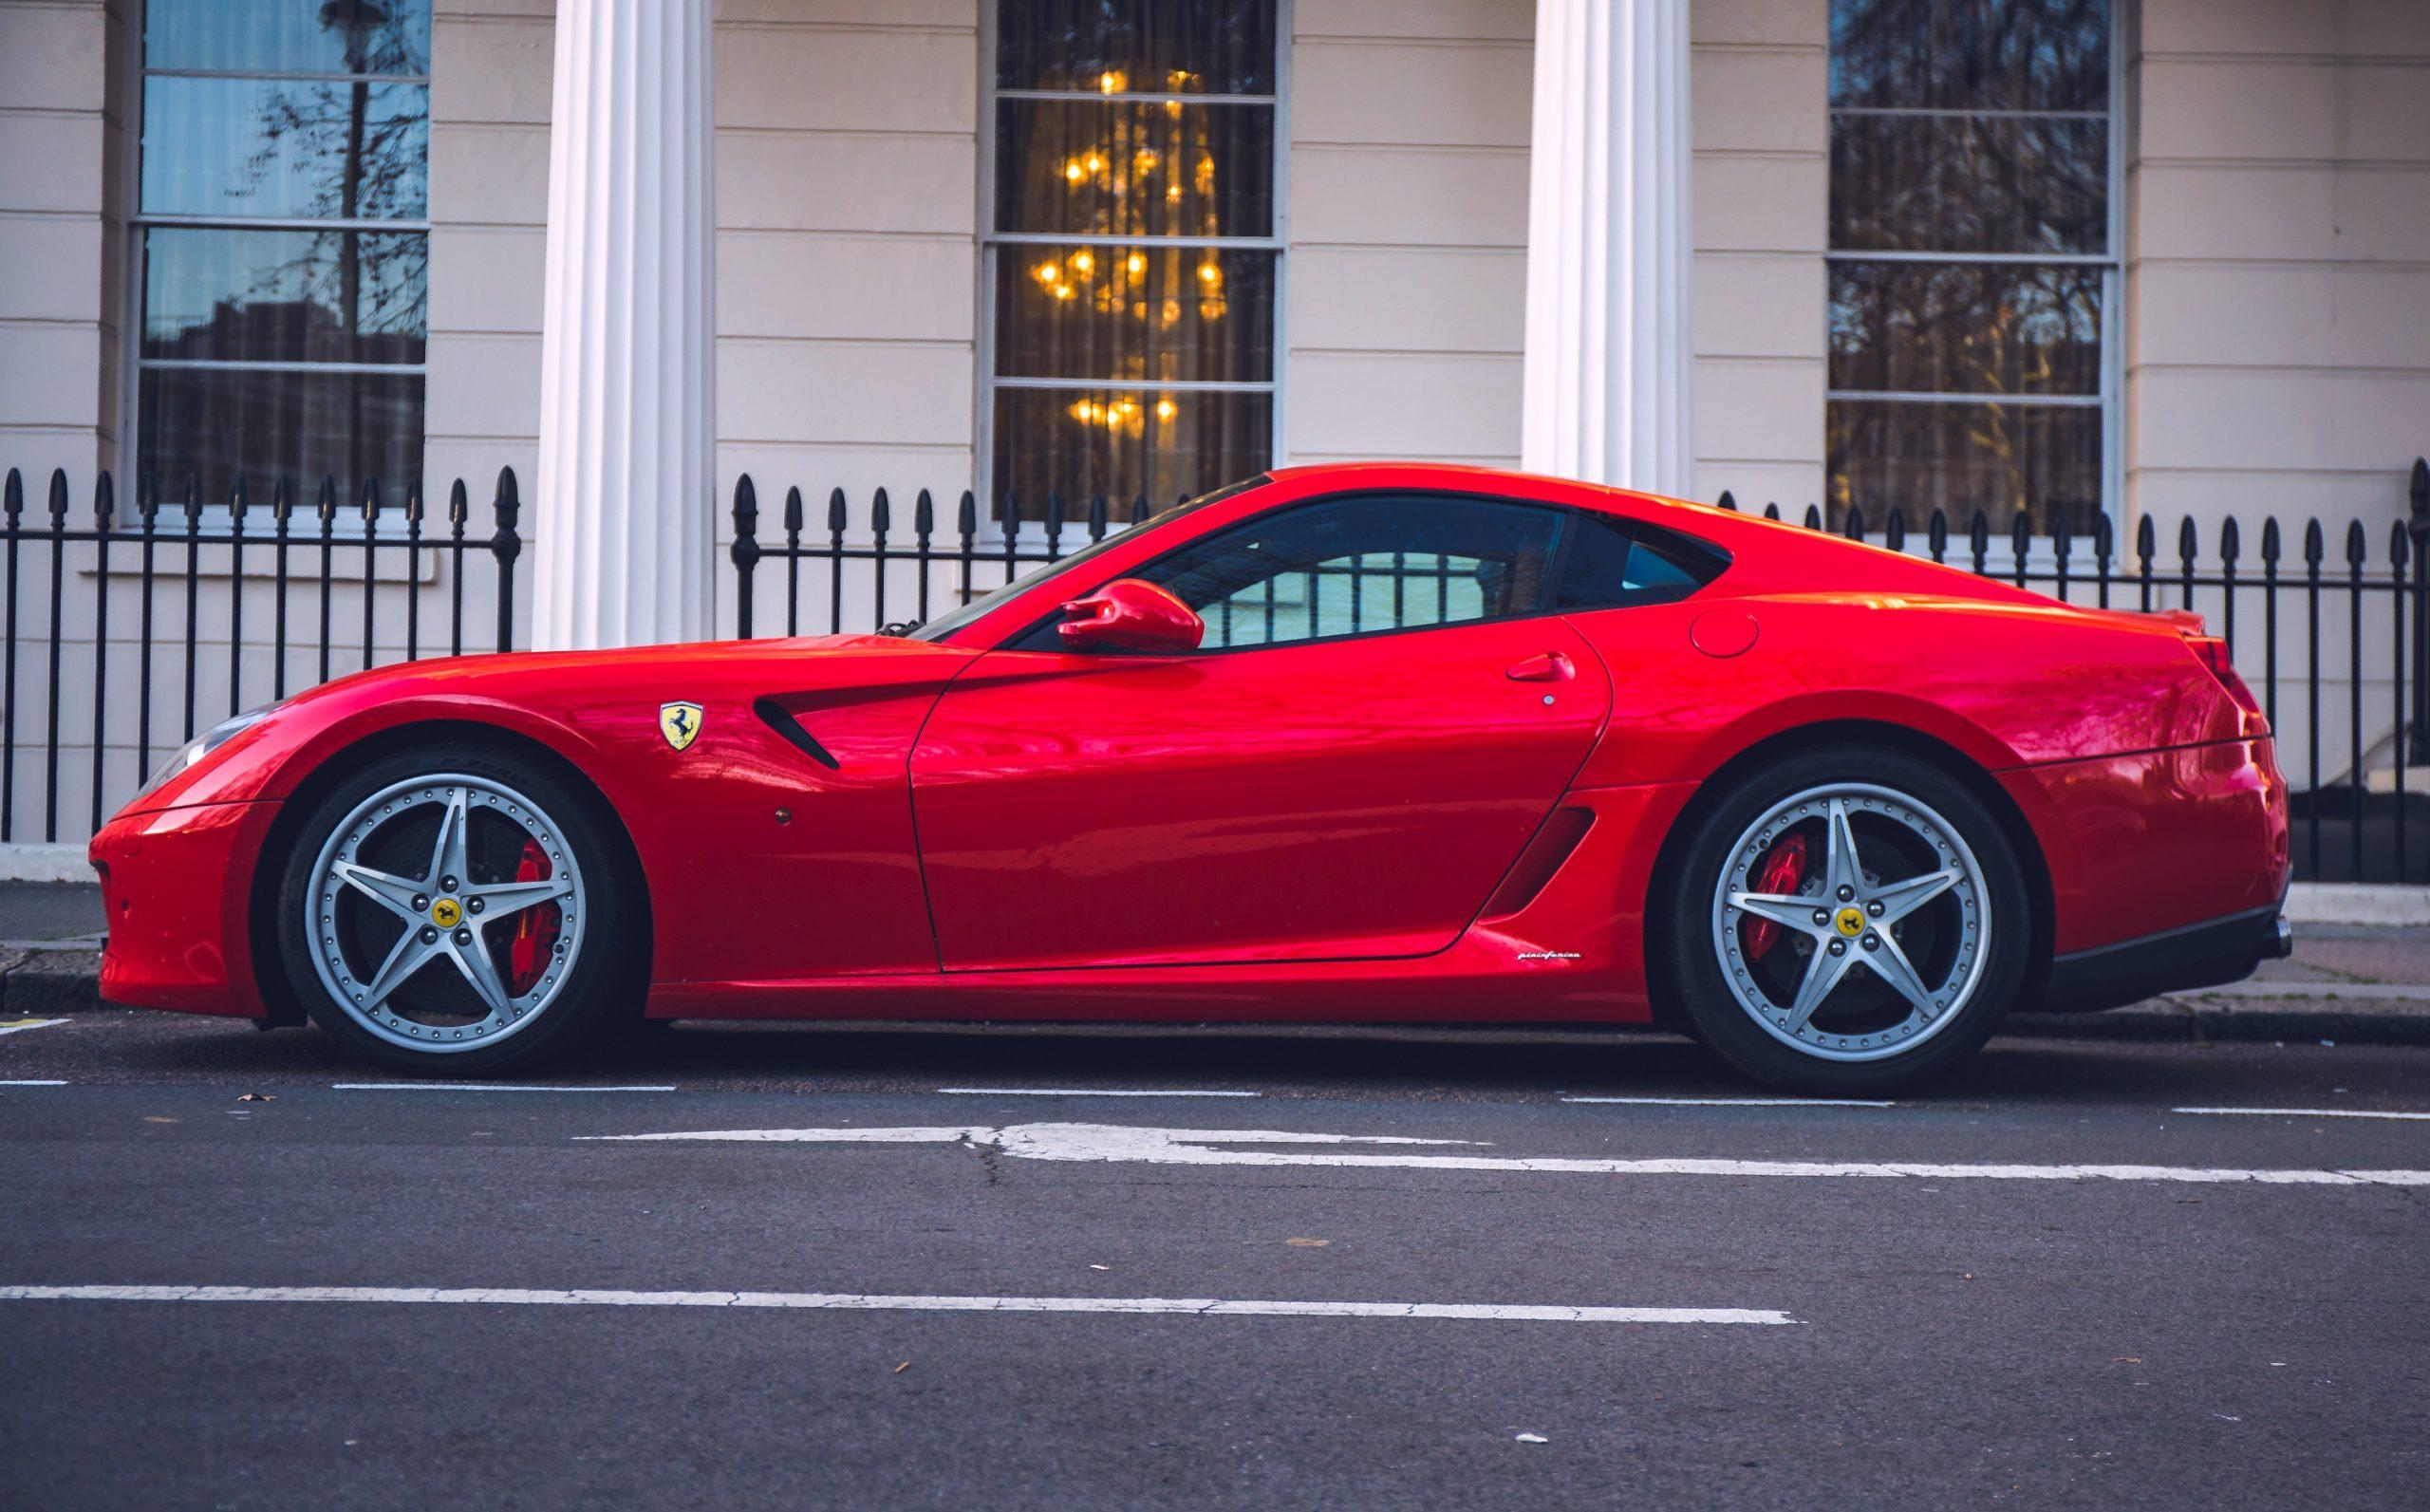 A red Ferrari 599 GTB shot in profile on a London side street